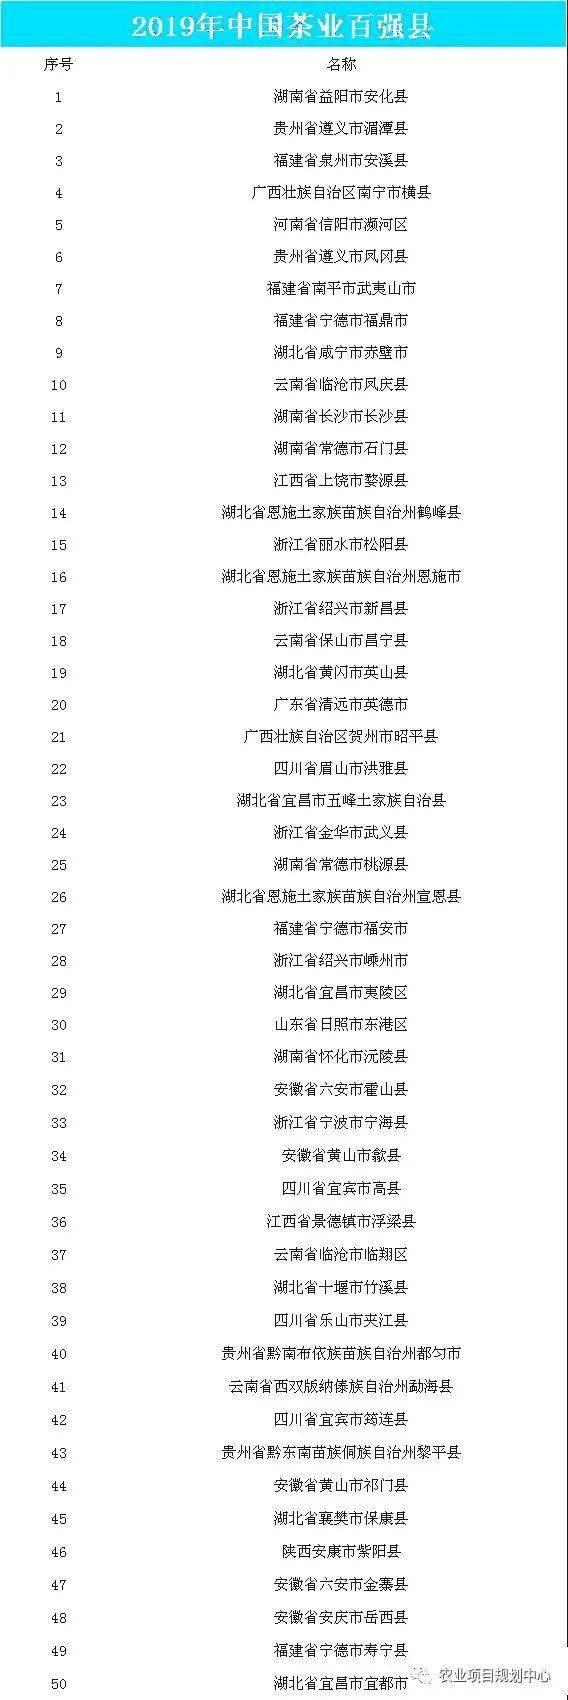 湖北恩施租房_中国茶叶七大种类基本概况及四大茶叶产区分布情况分析(附茶叶 ...